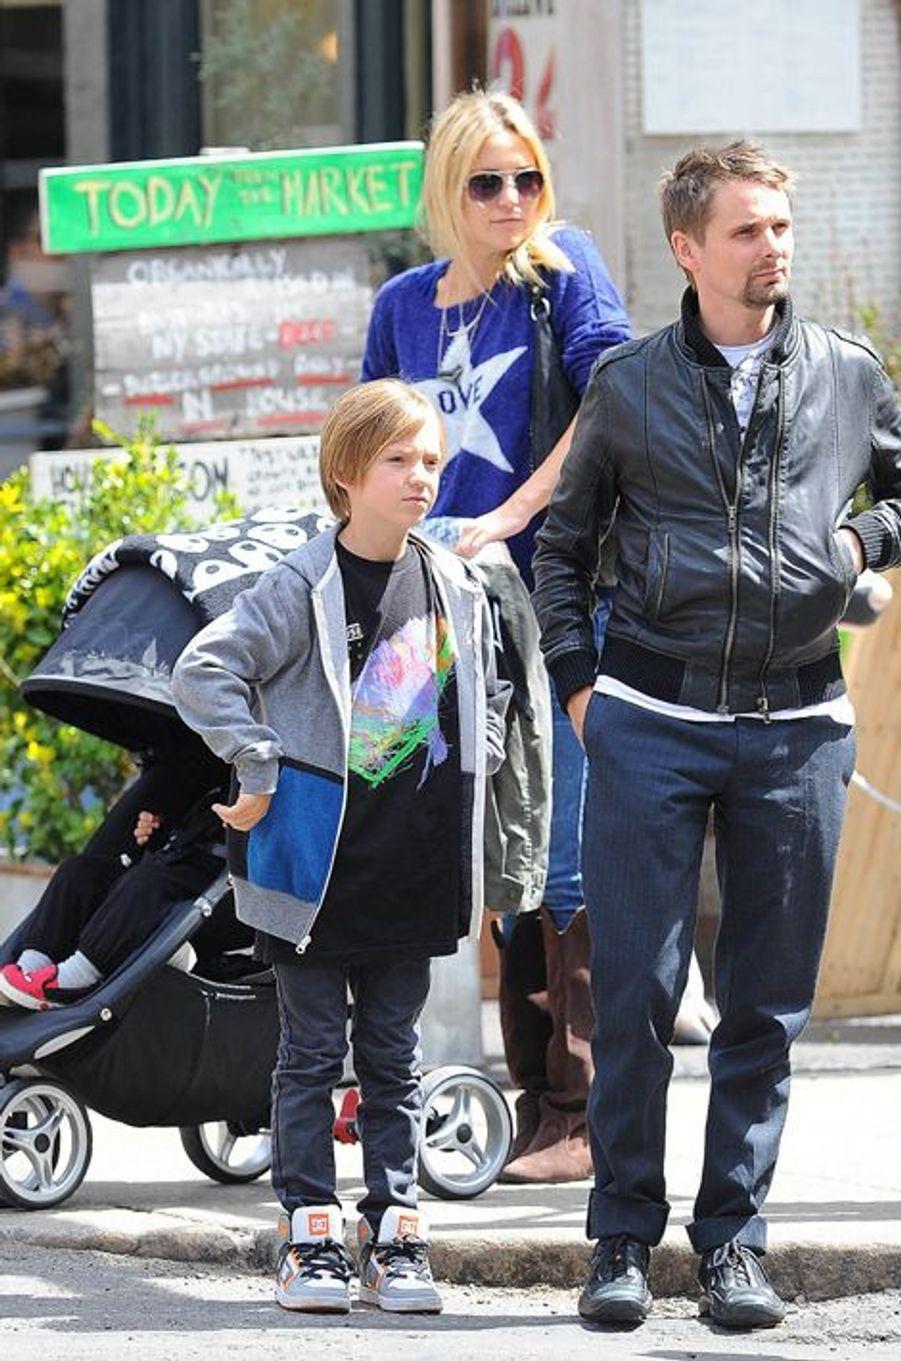 L'ex-compagne de Matthew Bellamy aime également les prénoms atypiques. Son fils aîné se prénomme Ryder, tandis que son petit dernier a hérité d'un nom rare : Bingham, surnommé «Bing».